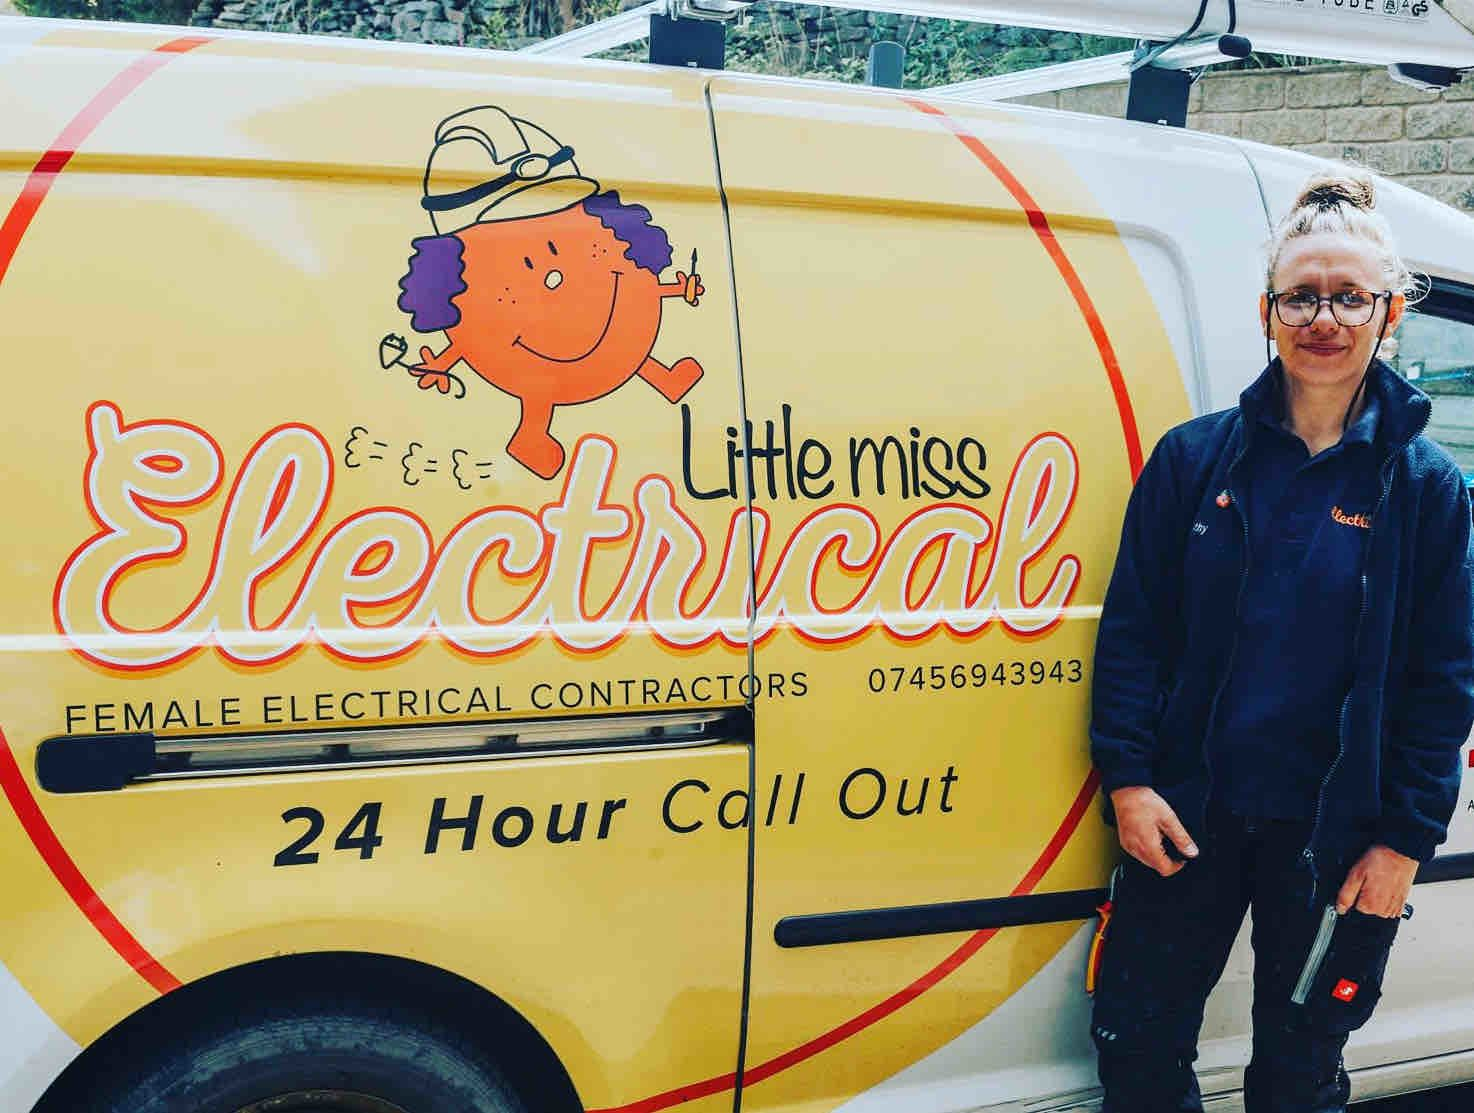 Cathy posing in front of her company's van